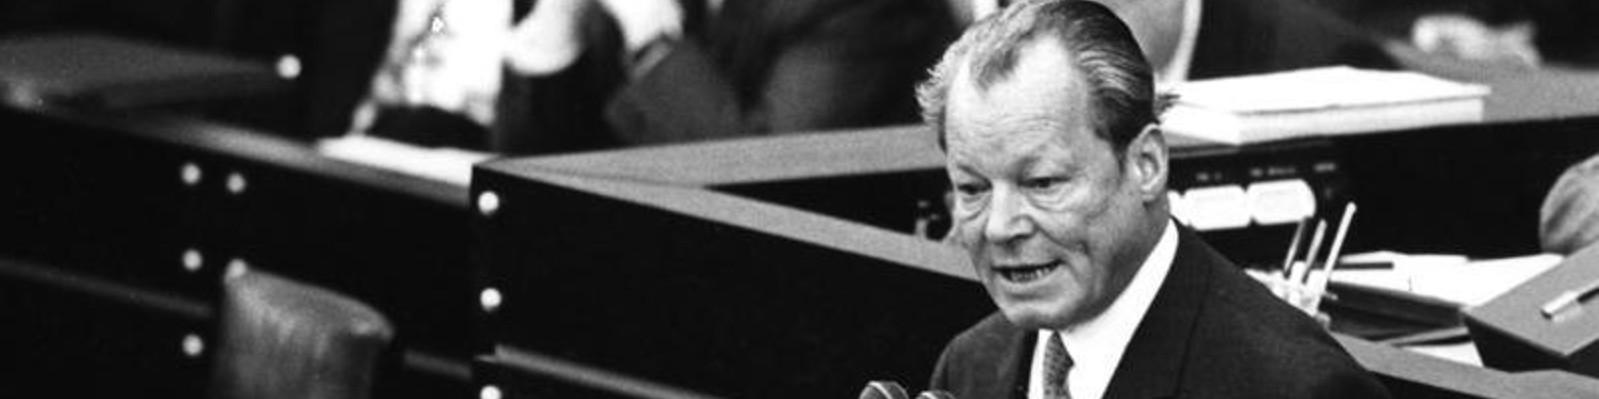 """""""Krieg ist nicht mehr die ultima ratio, sondern die ultima irratio."""" Willy Brandts Grundsatzrede zum Friedensnobelpreis 1971"""